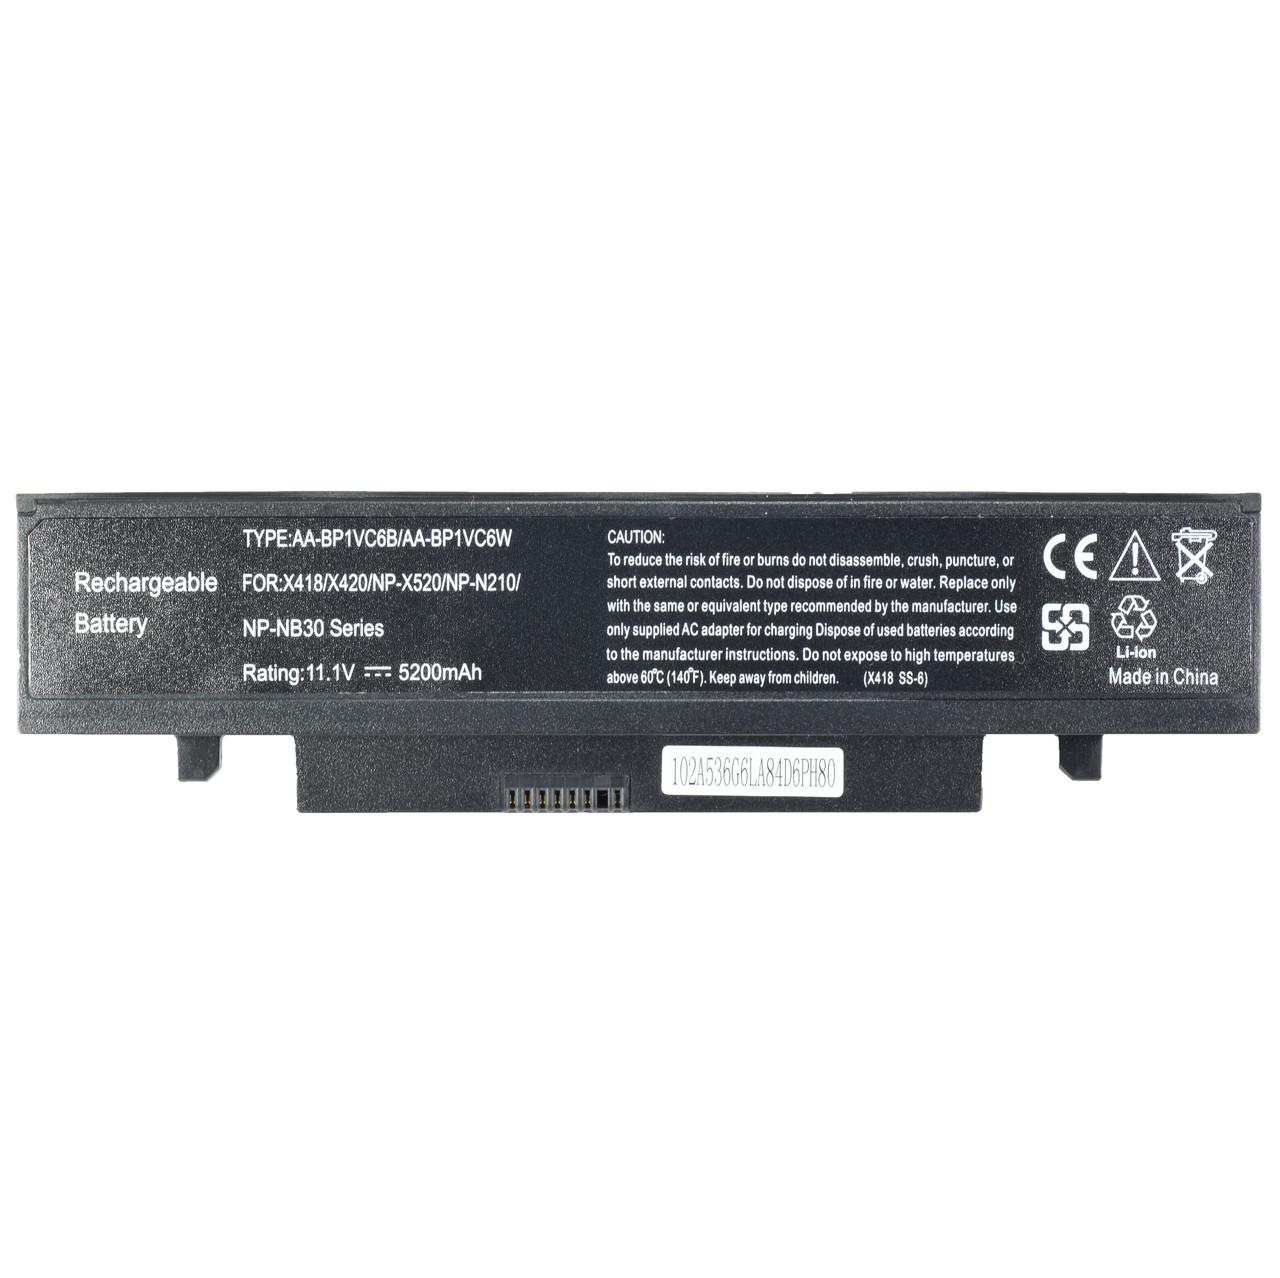 Батарея для ноутбука SAMSUNG X418 X420 N210 N220 N230 NB30 Pro X420 X520 Aura SU4100 Akiva